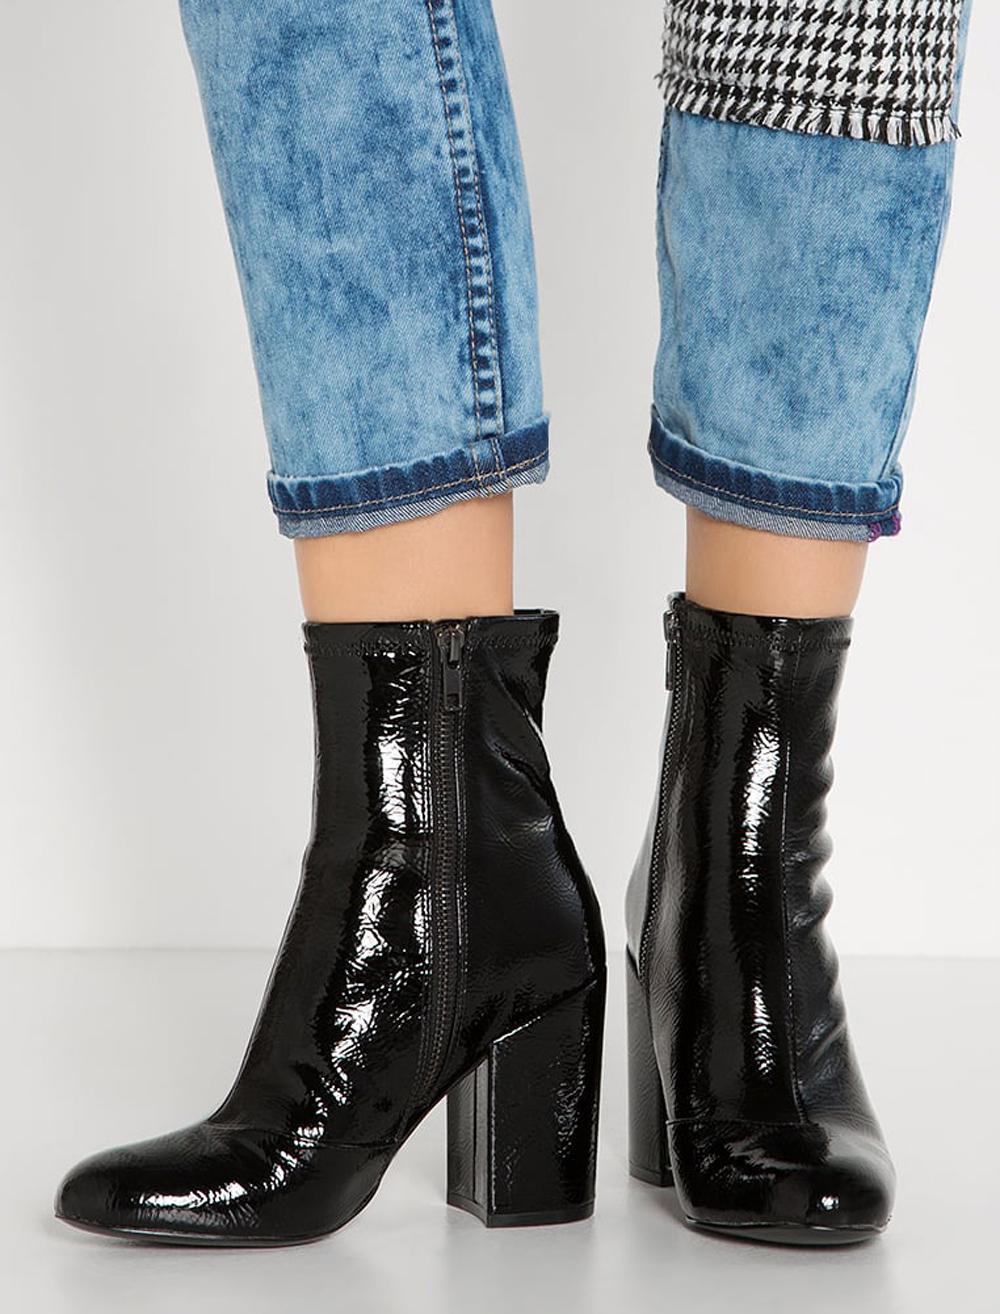 boots-steve-madden-3